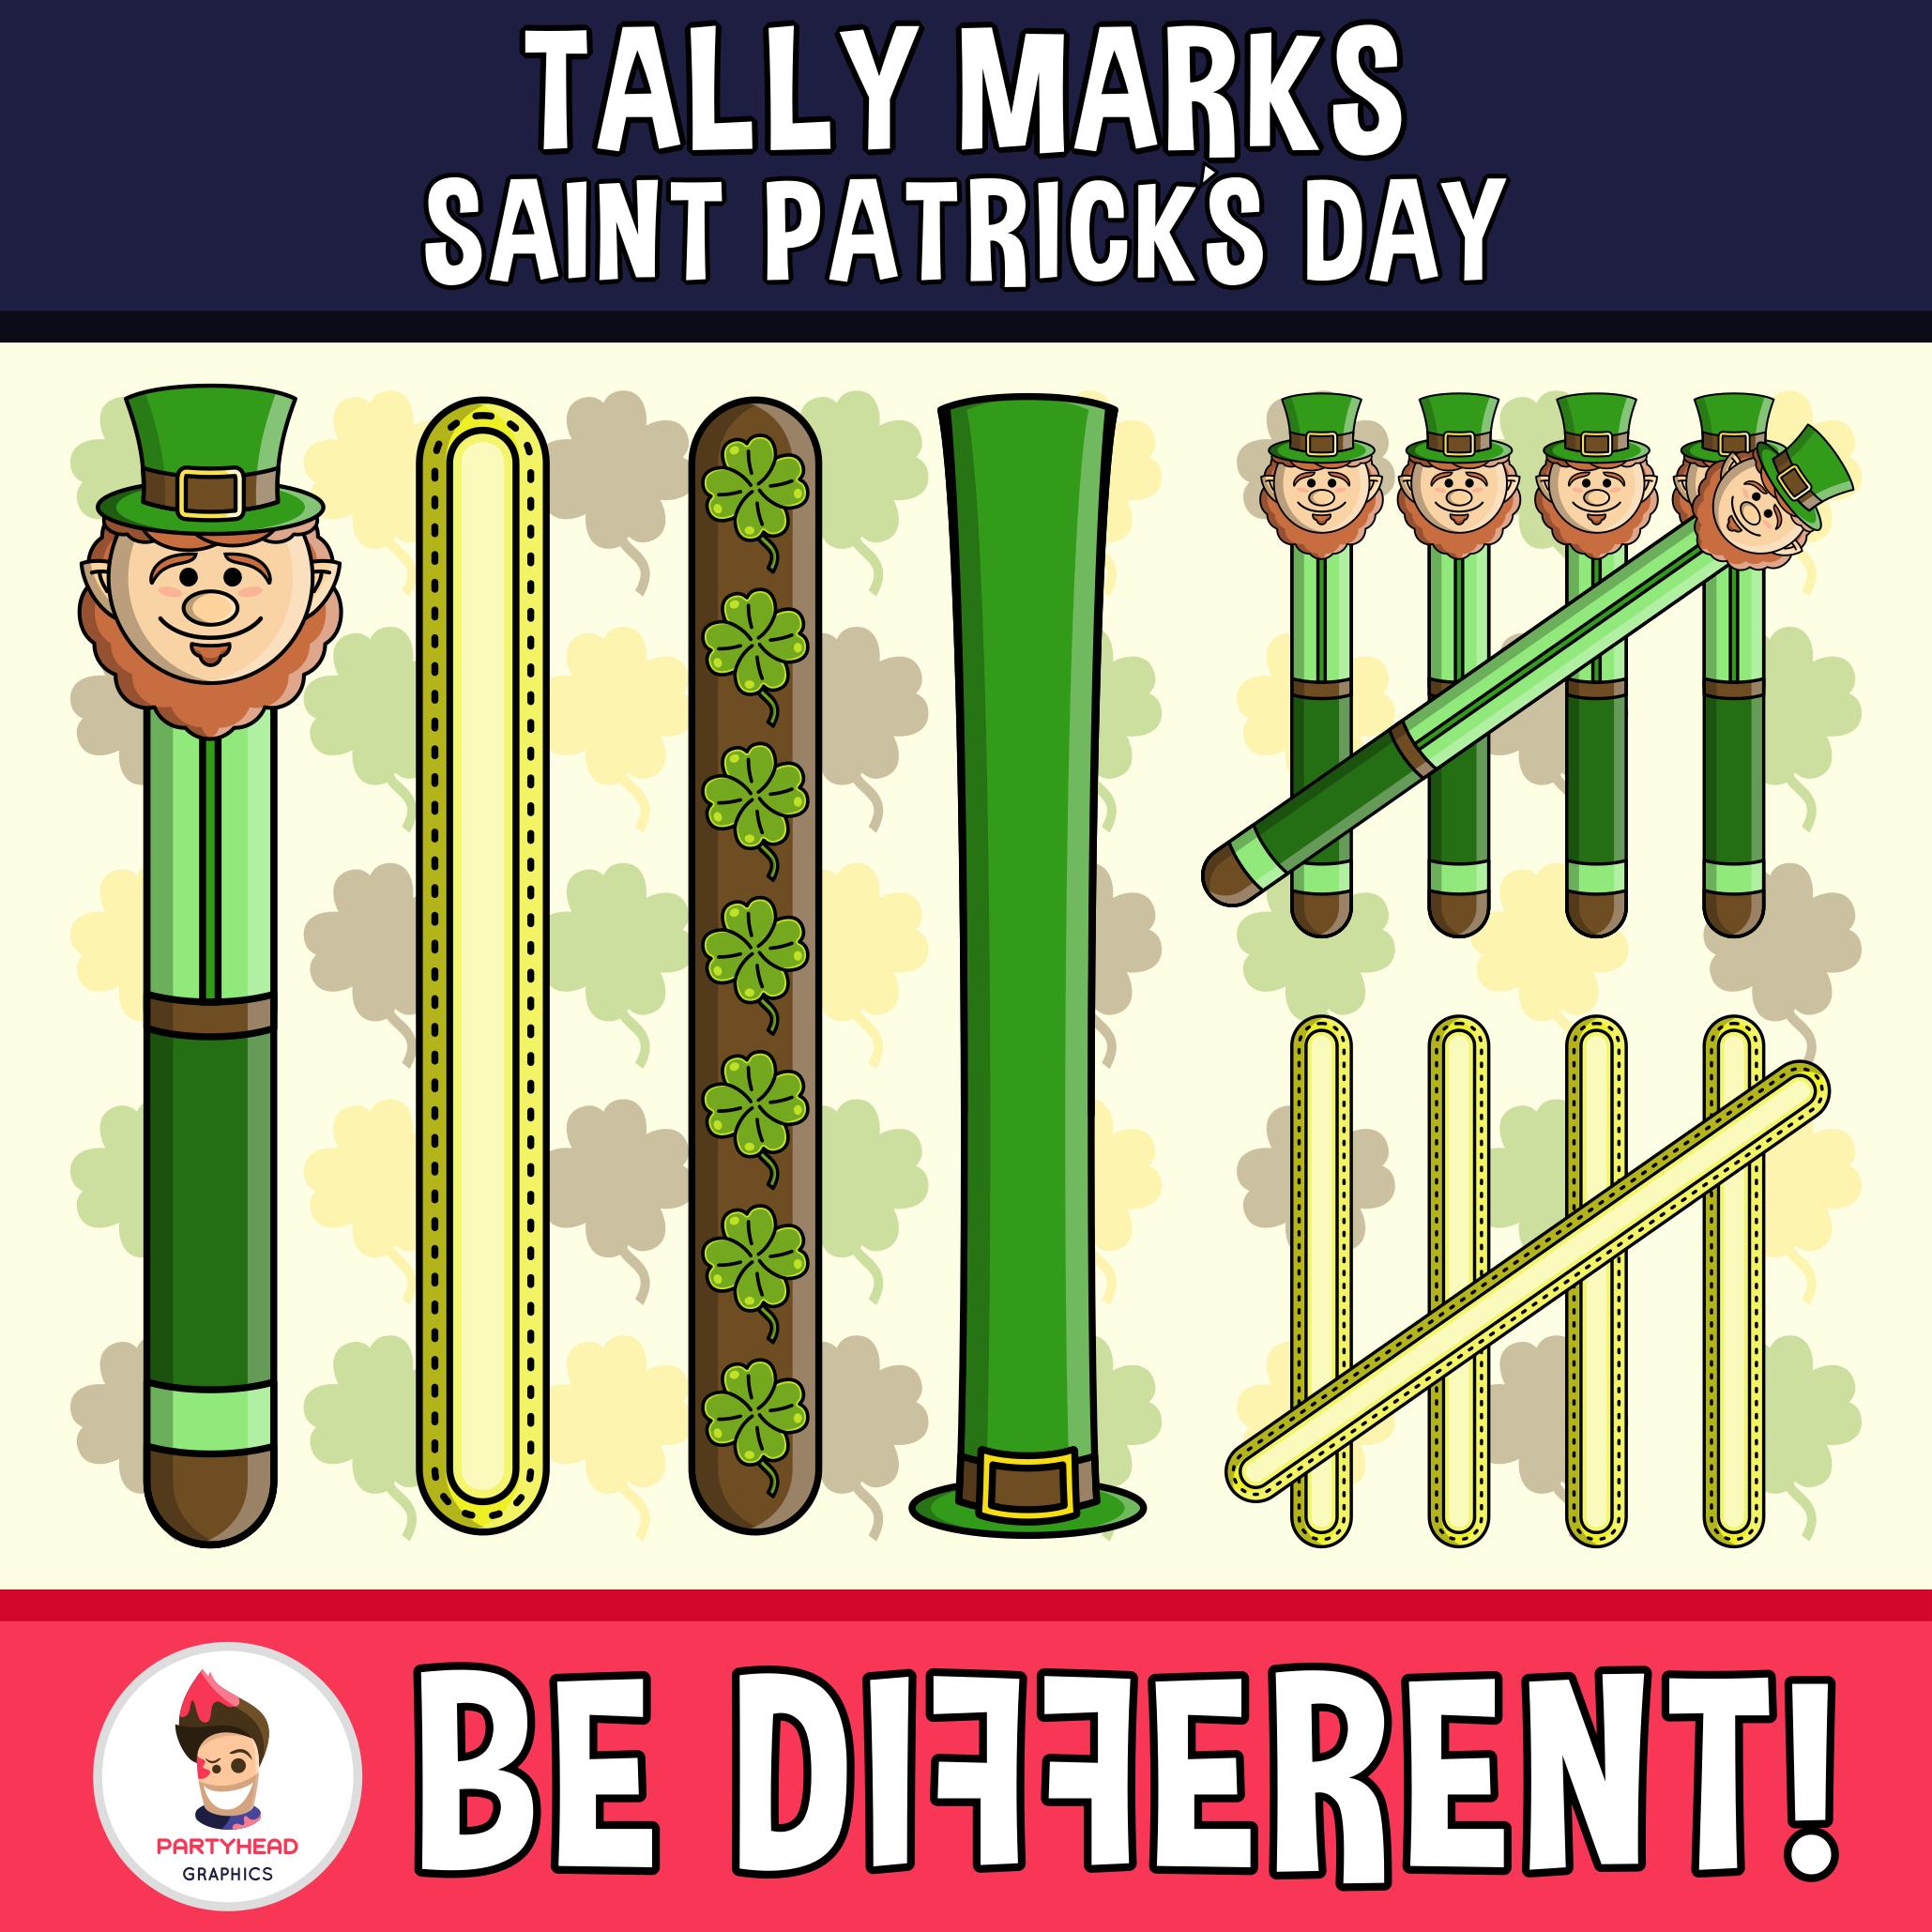 Tally Marks Clipart Saint Patrick S Day Edition Clip Art Tally Marks St Patrick S Day